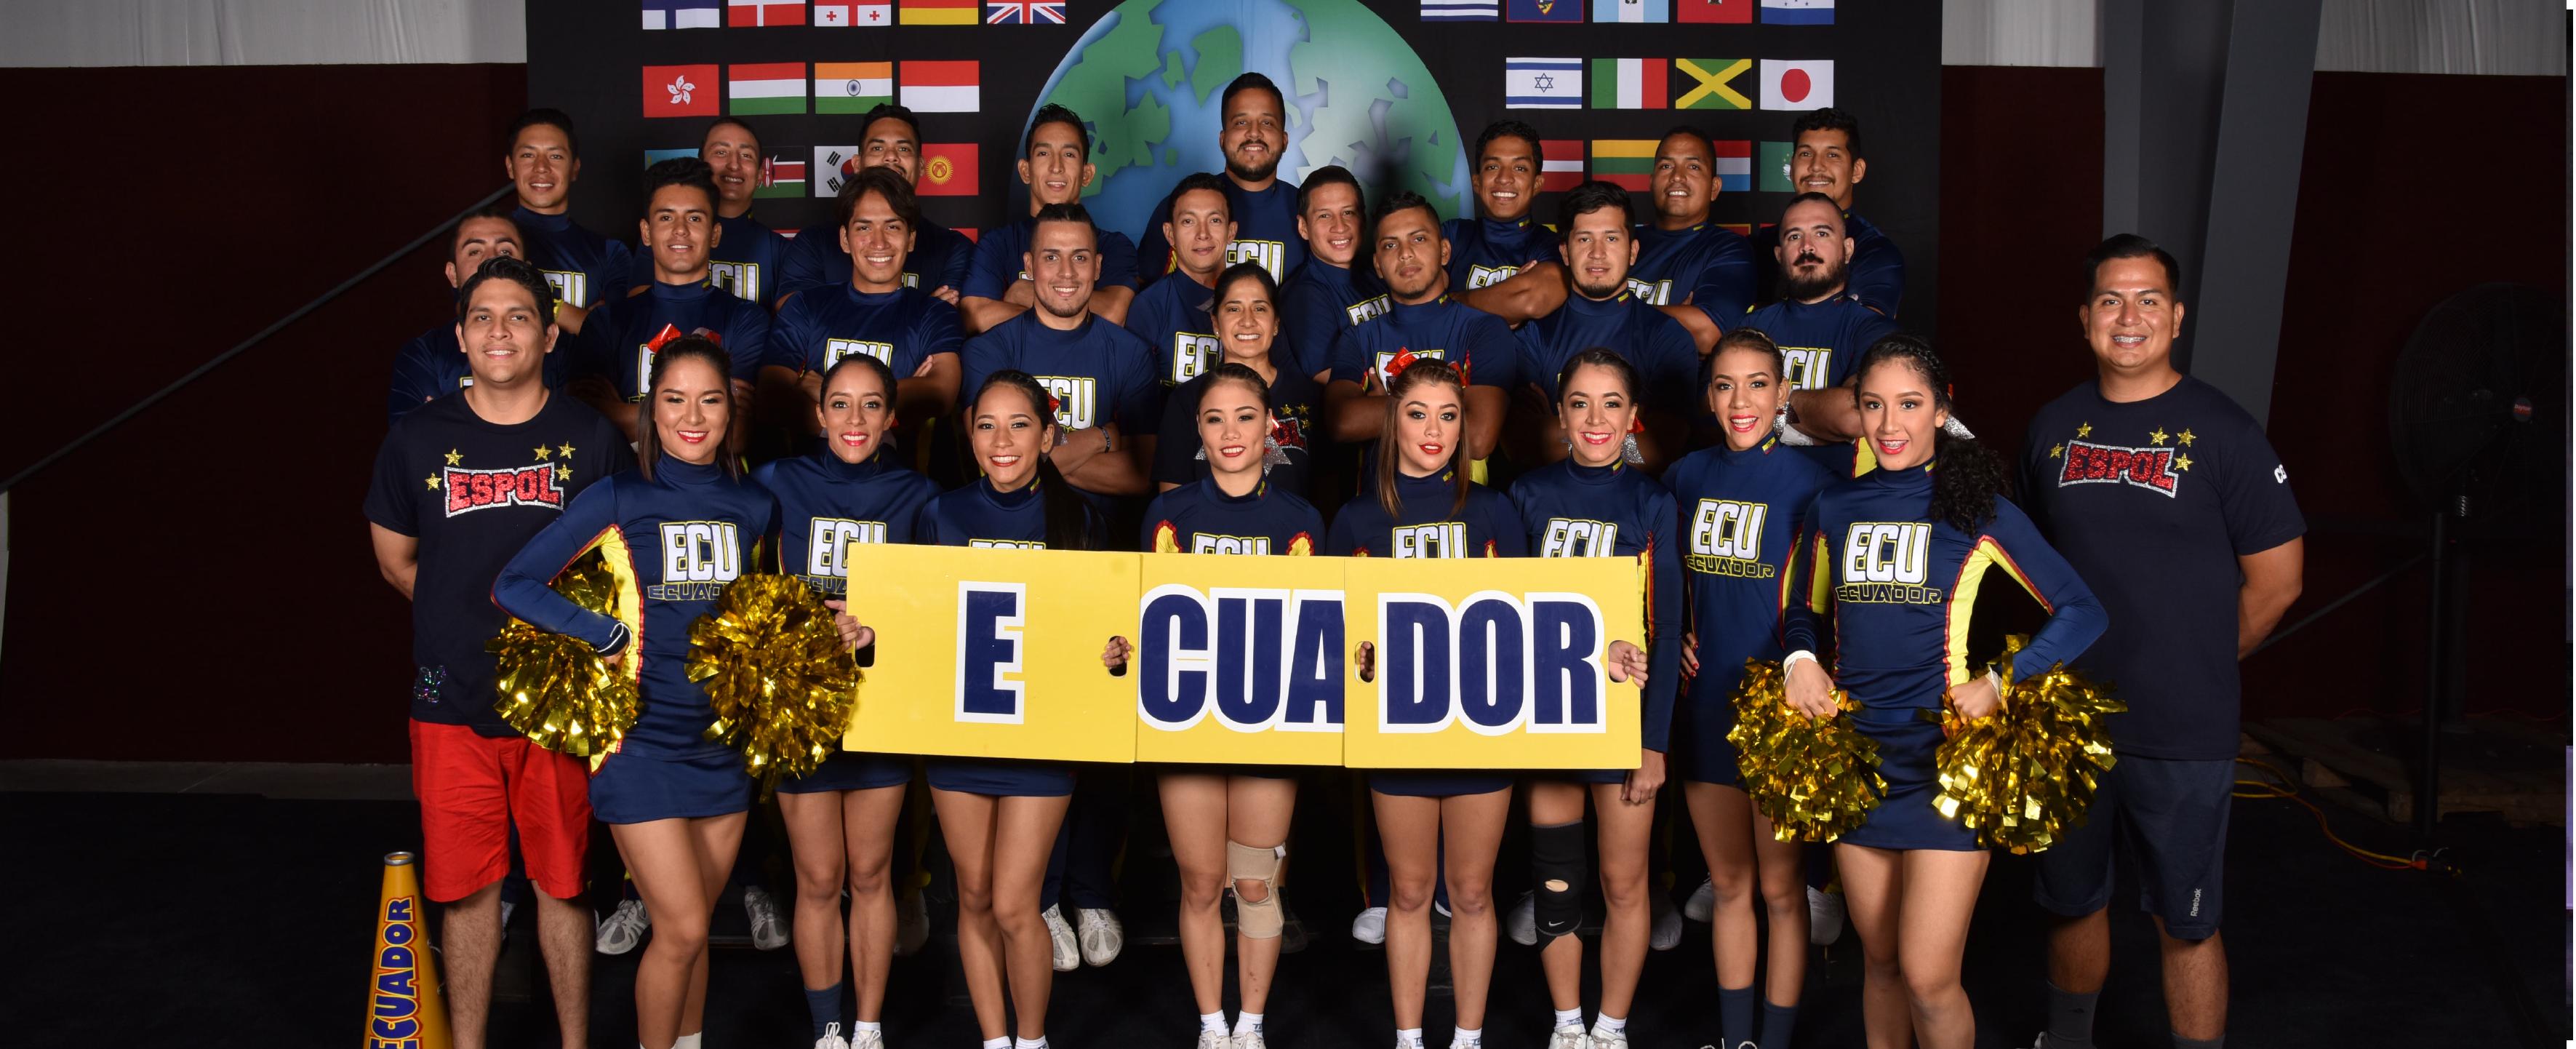 ESPOL representó al país en el mundial de Cheerleading 2018